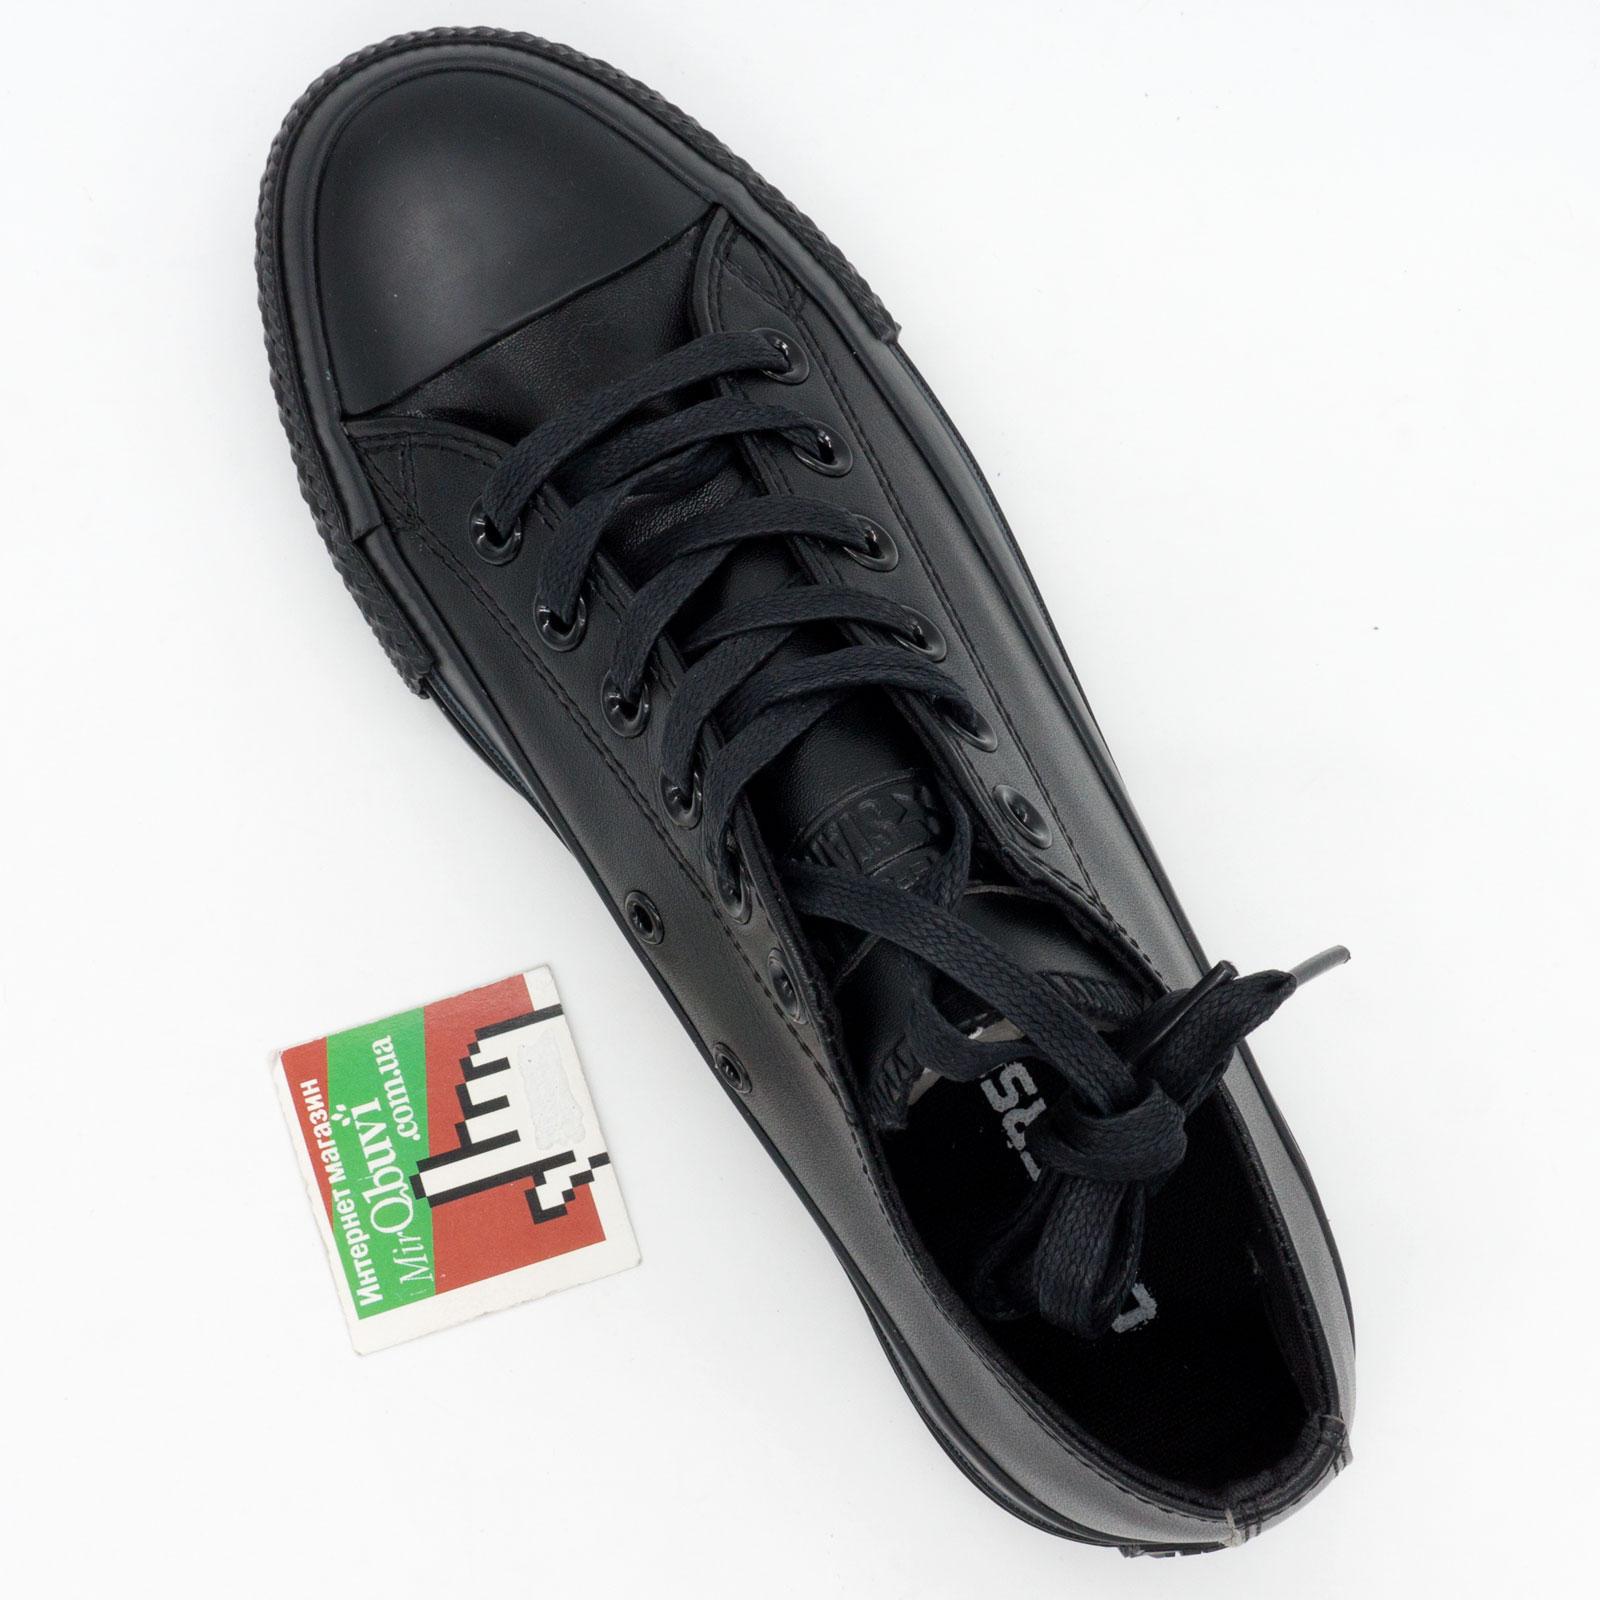 большое фото №5 Кеды Converse кожаные низкие полностью черные